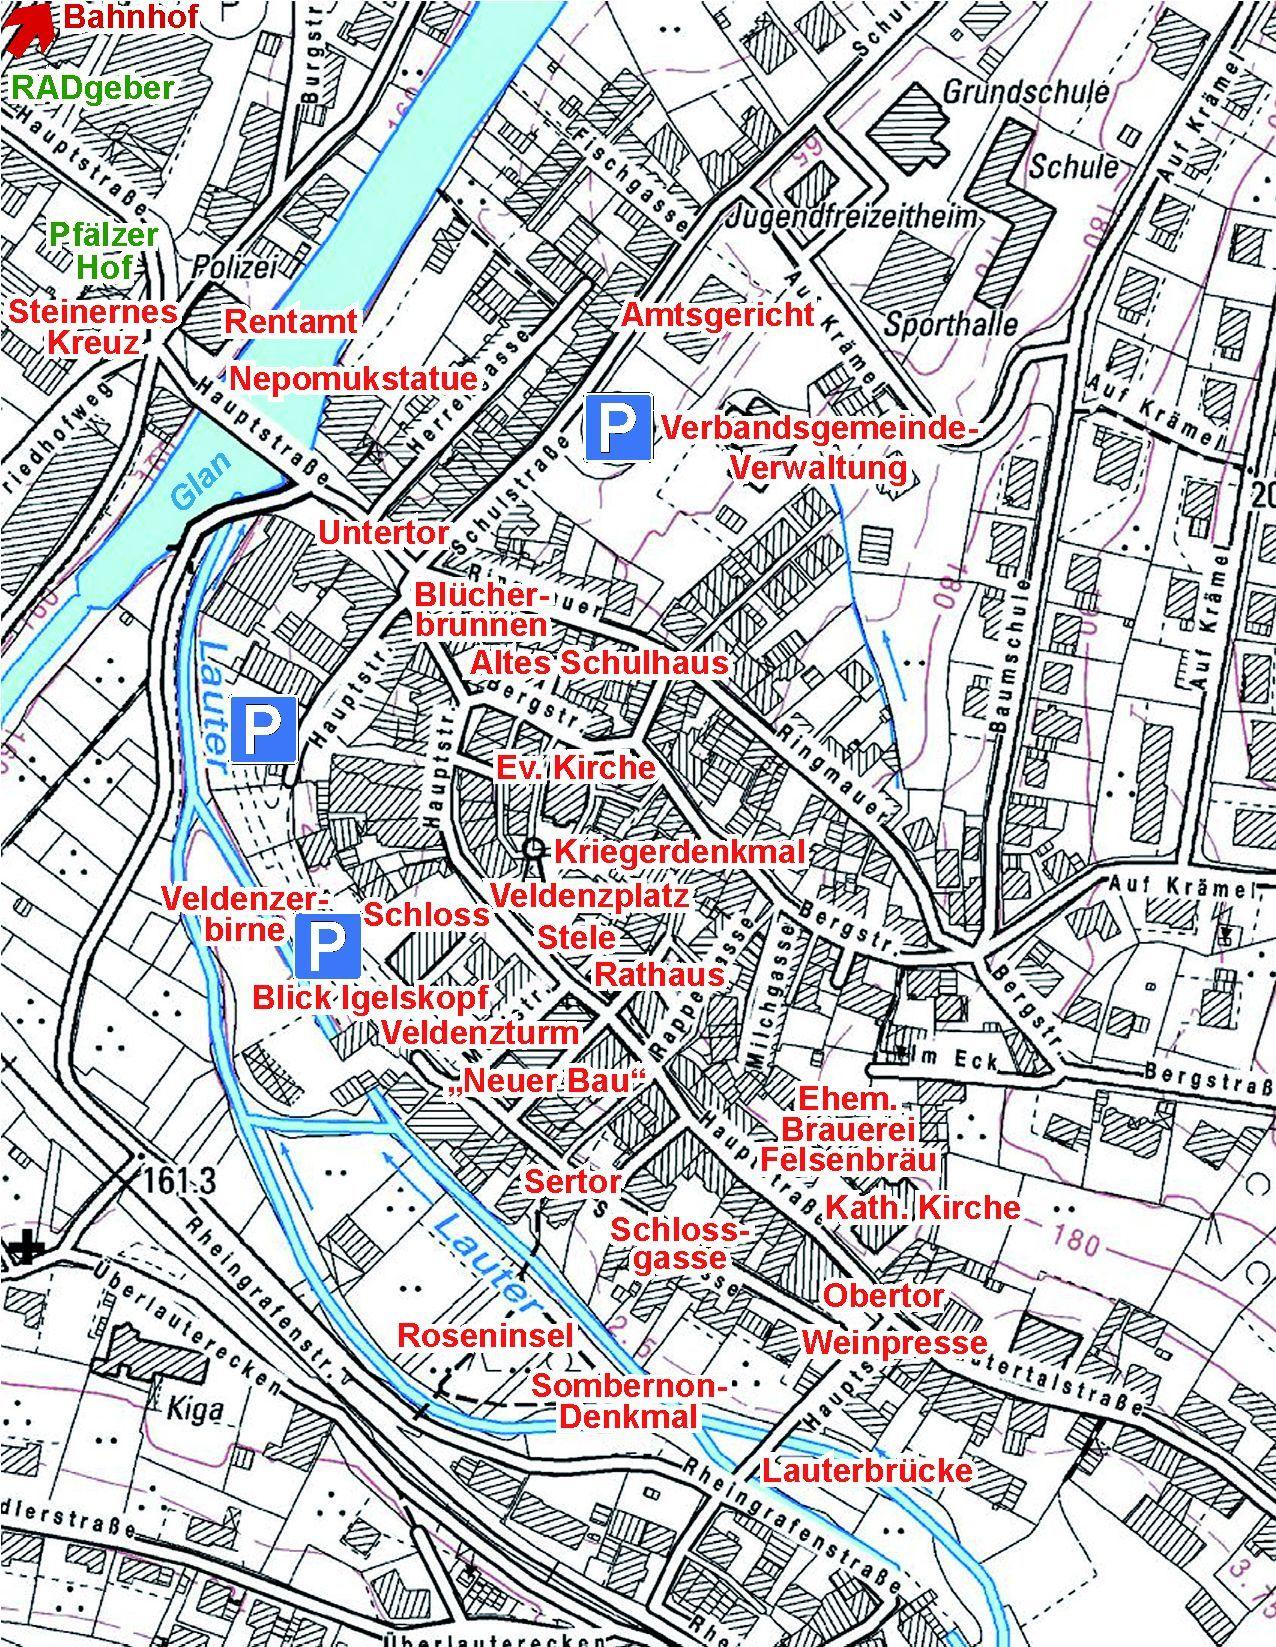 Stadtführungen in Lauterecken | Lauterecken